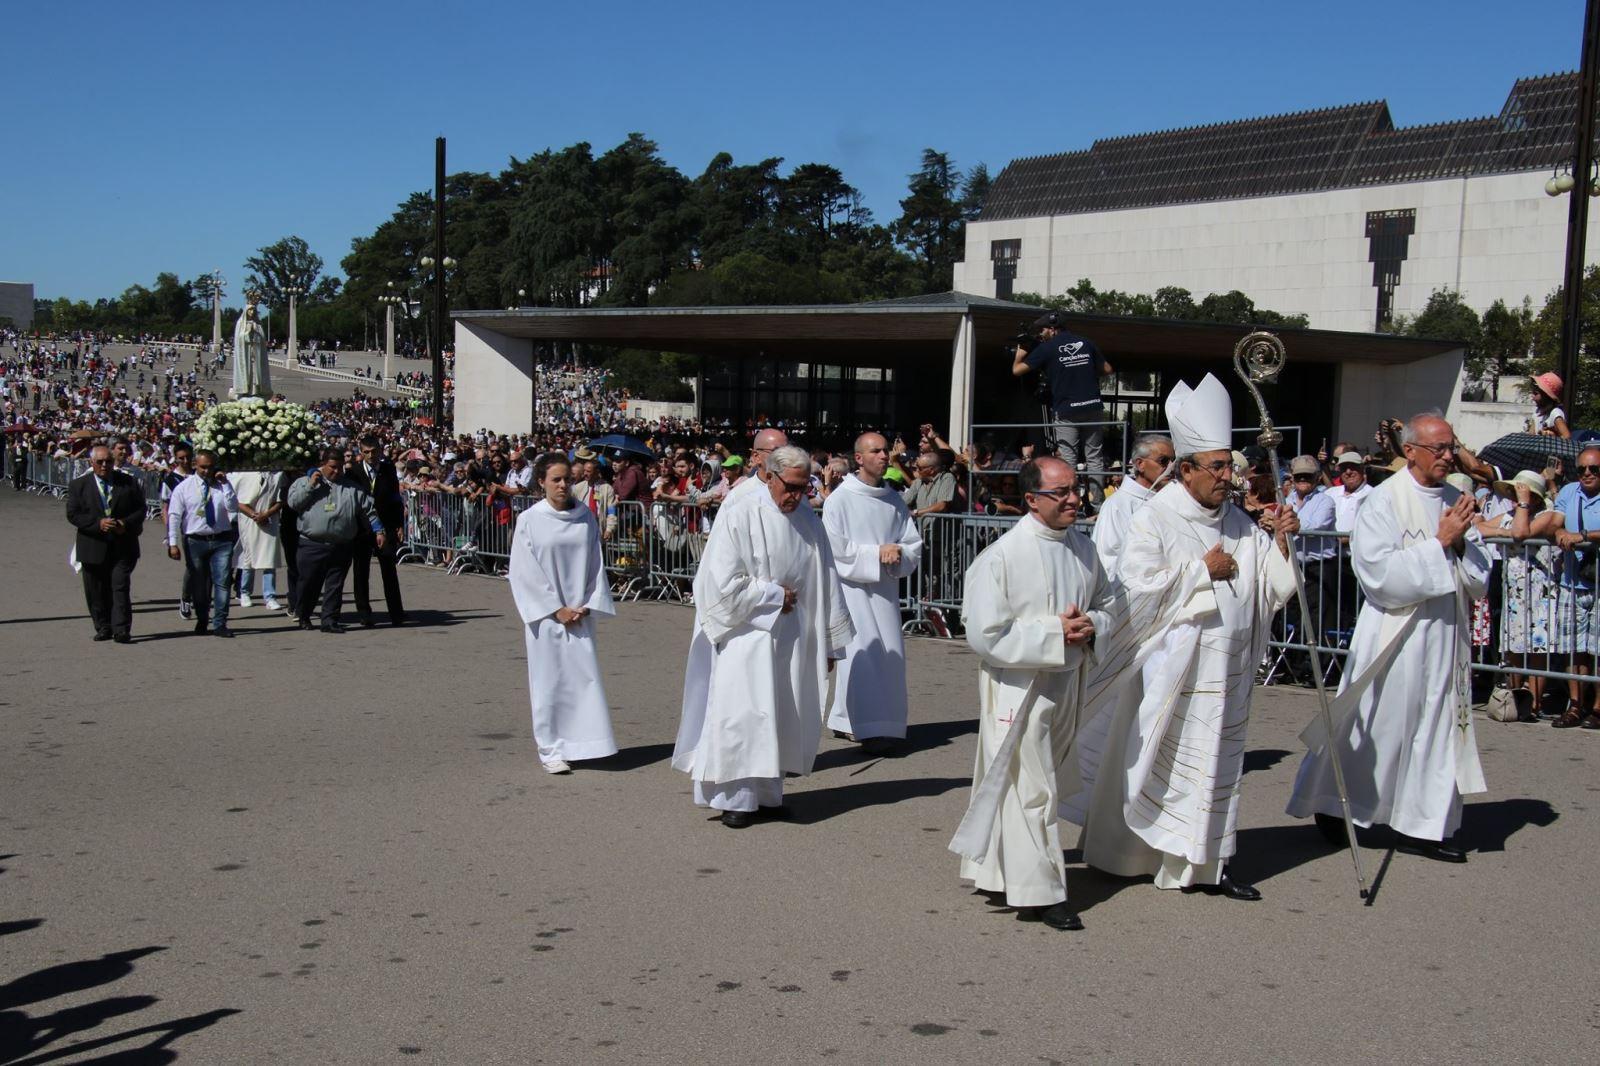 022 - Đại lễ Đức Mẹ Hồn Xác Lên Trời tại Fatima, Bồ Đào Nha